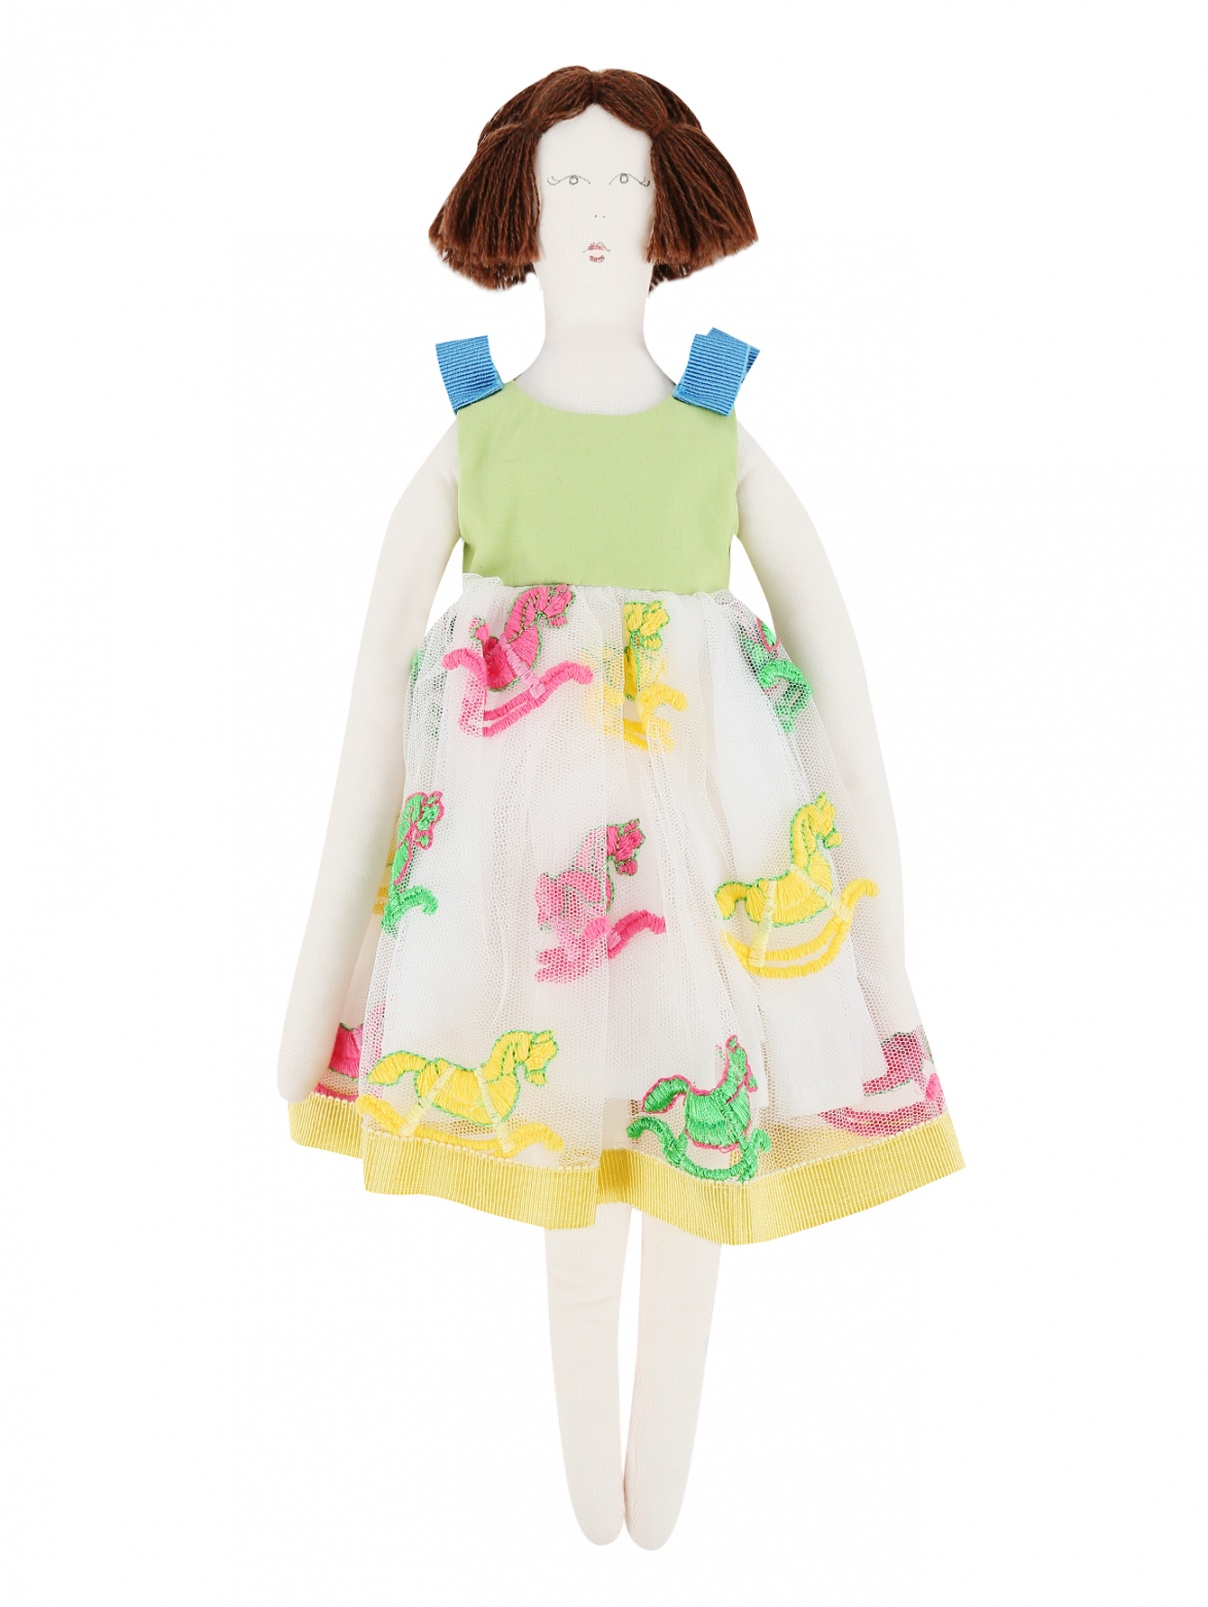 Кукла-тильда в платье с вышивкой MiMiSol  –  Общий вид  – Цвет:  Мультиколор